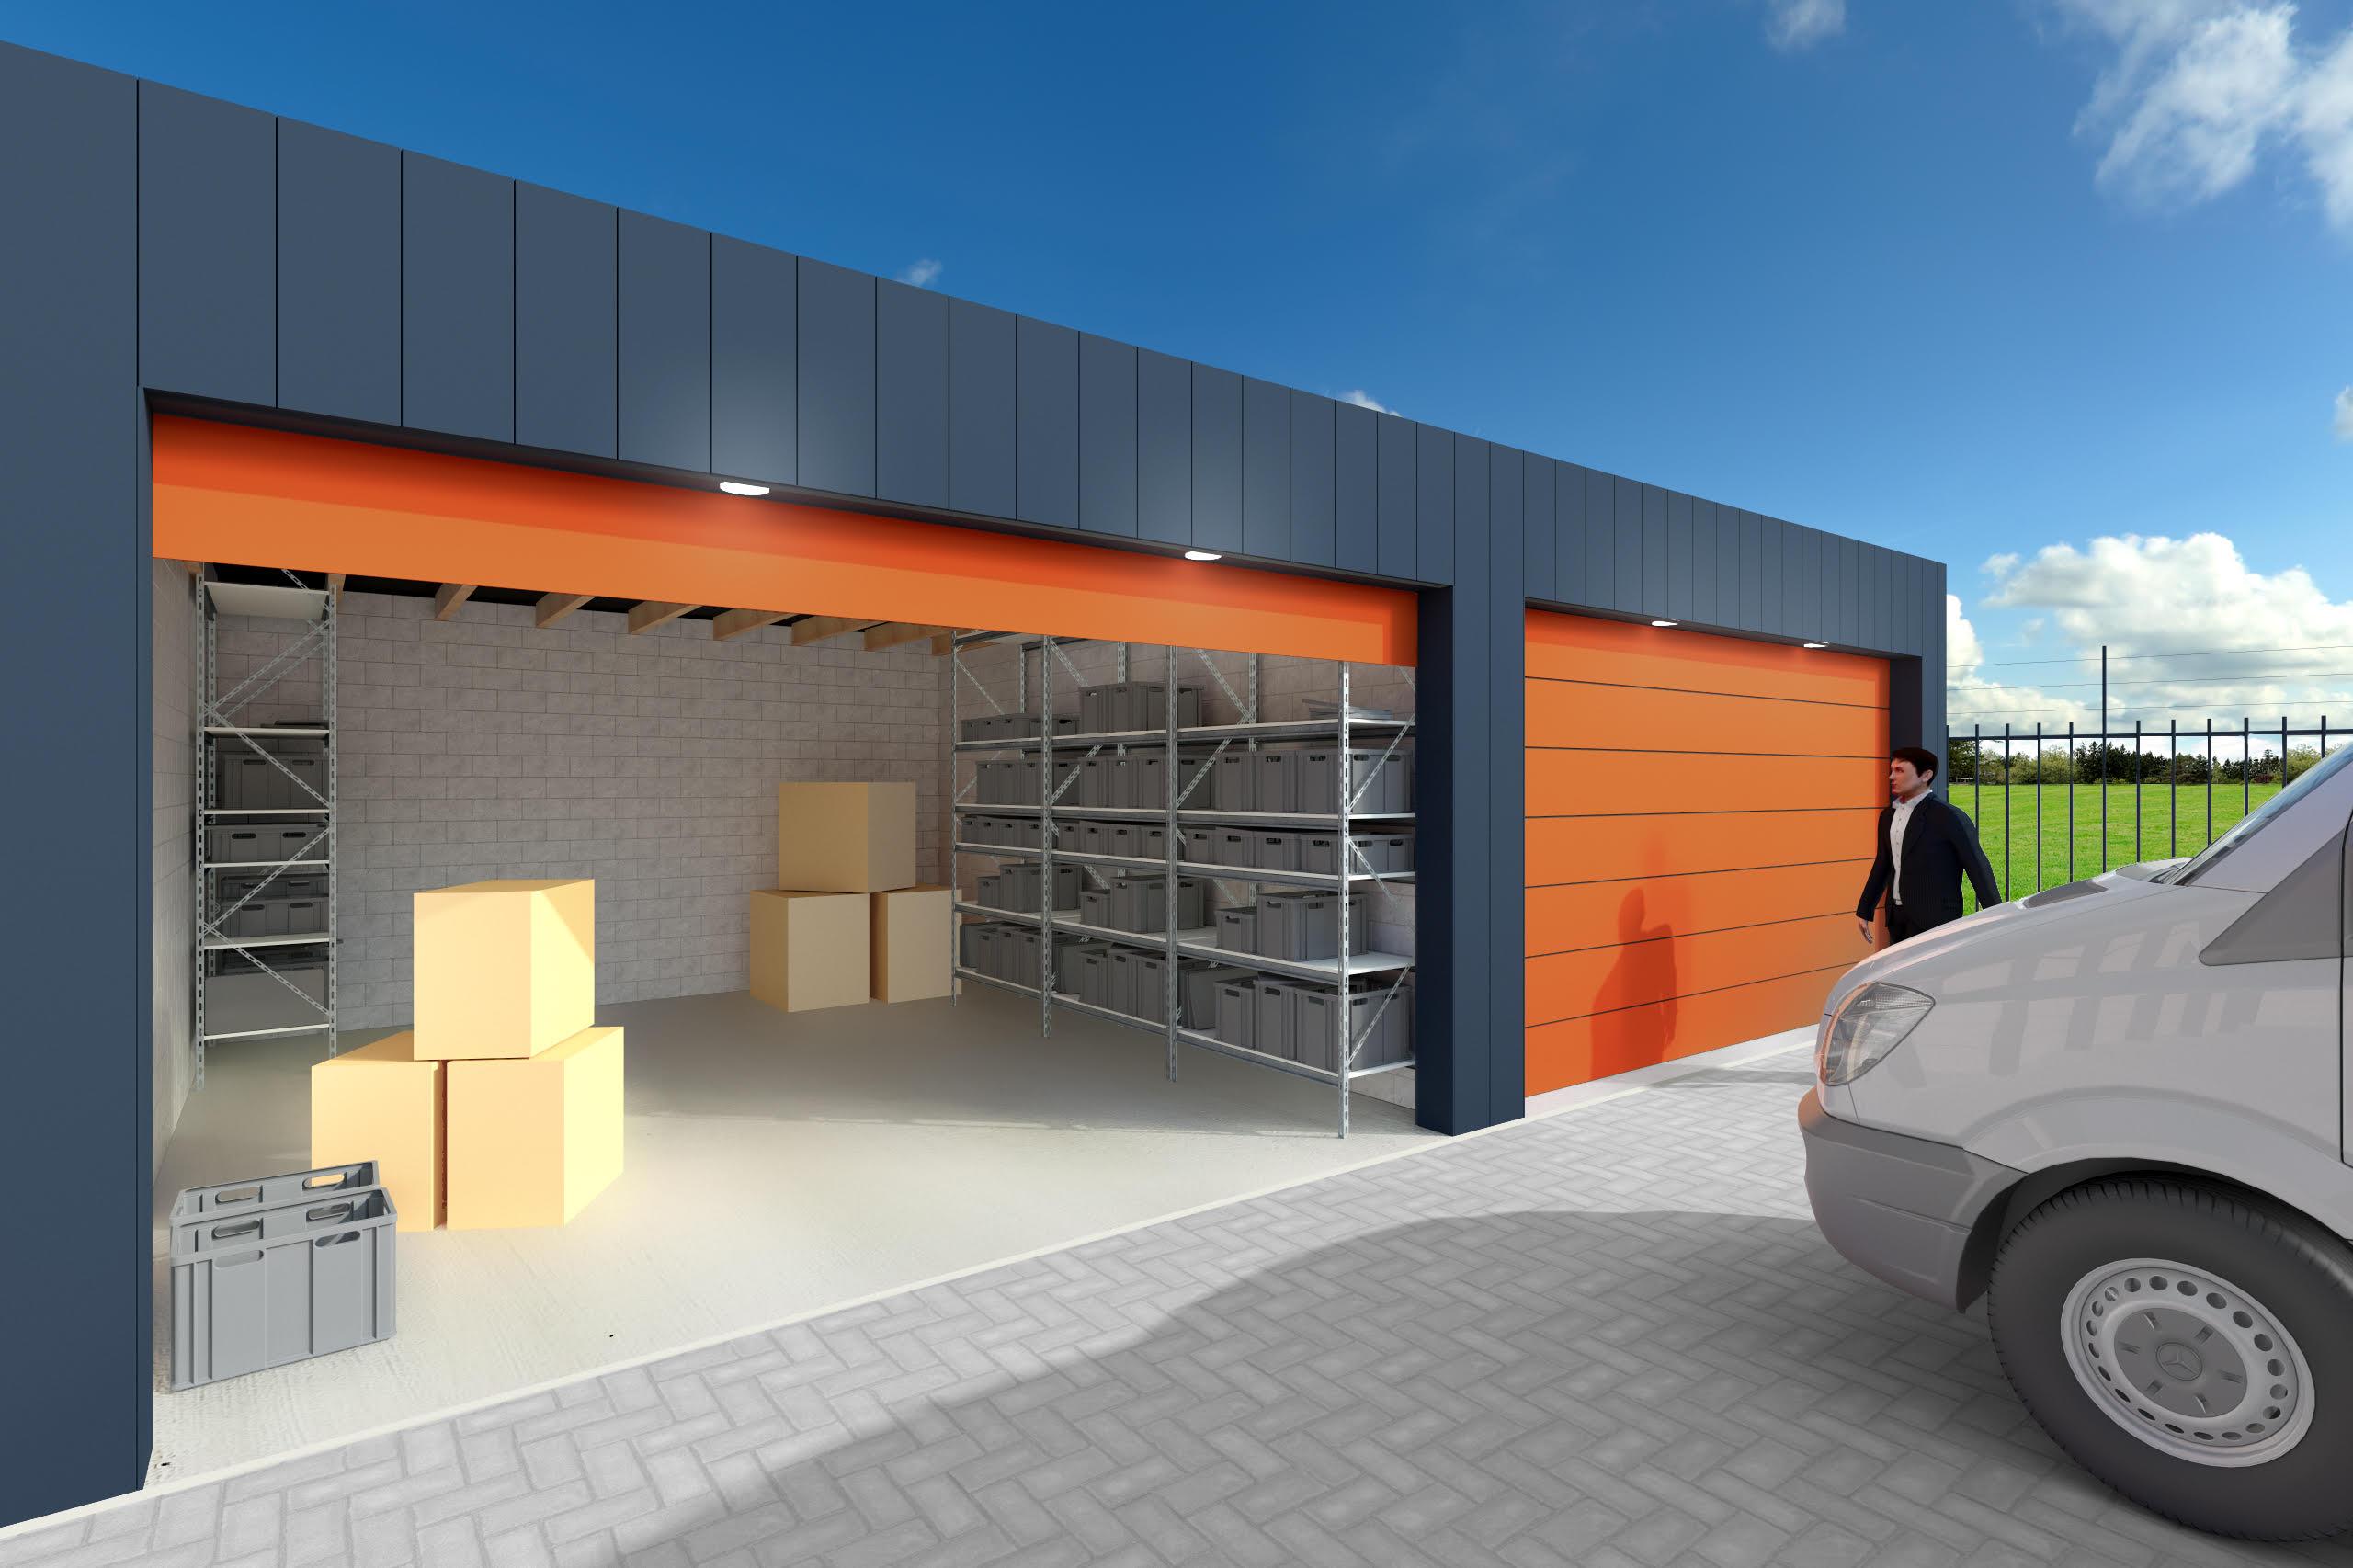 Te huur garageboxen in Rotterdam (Hillegersberg) ten noorden van de A20.